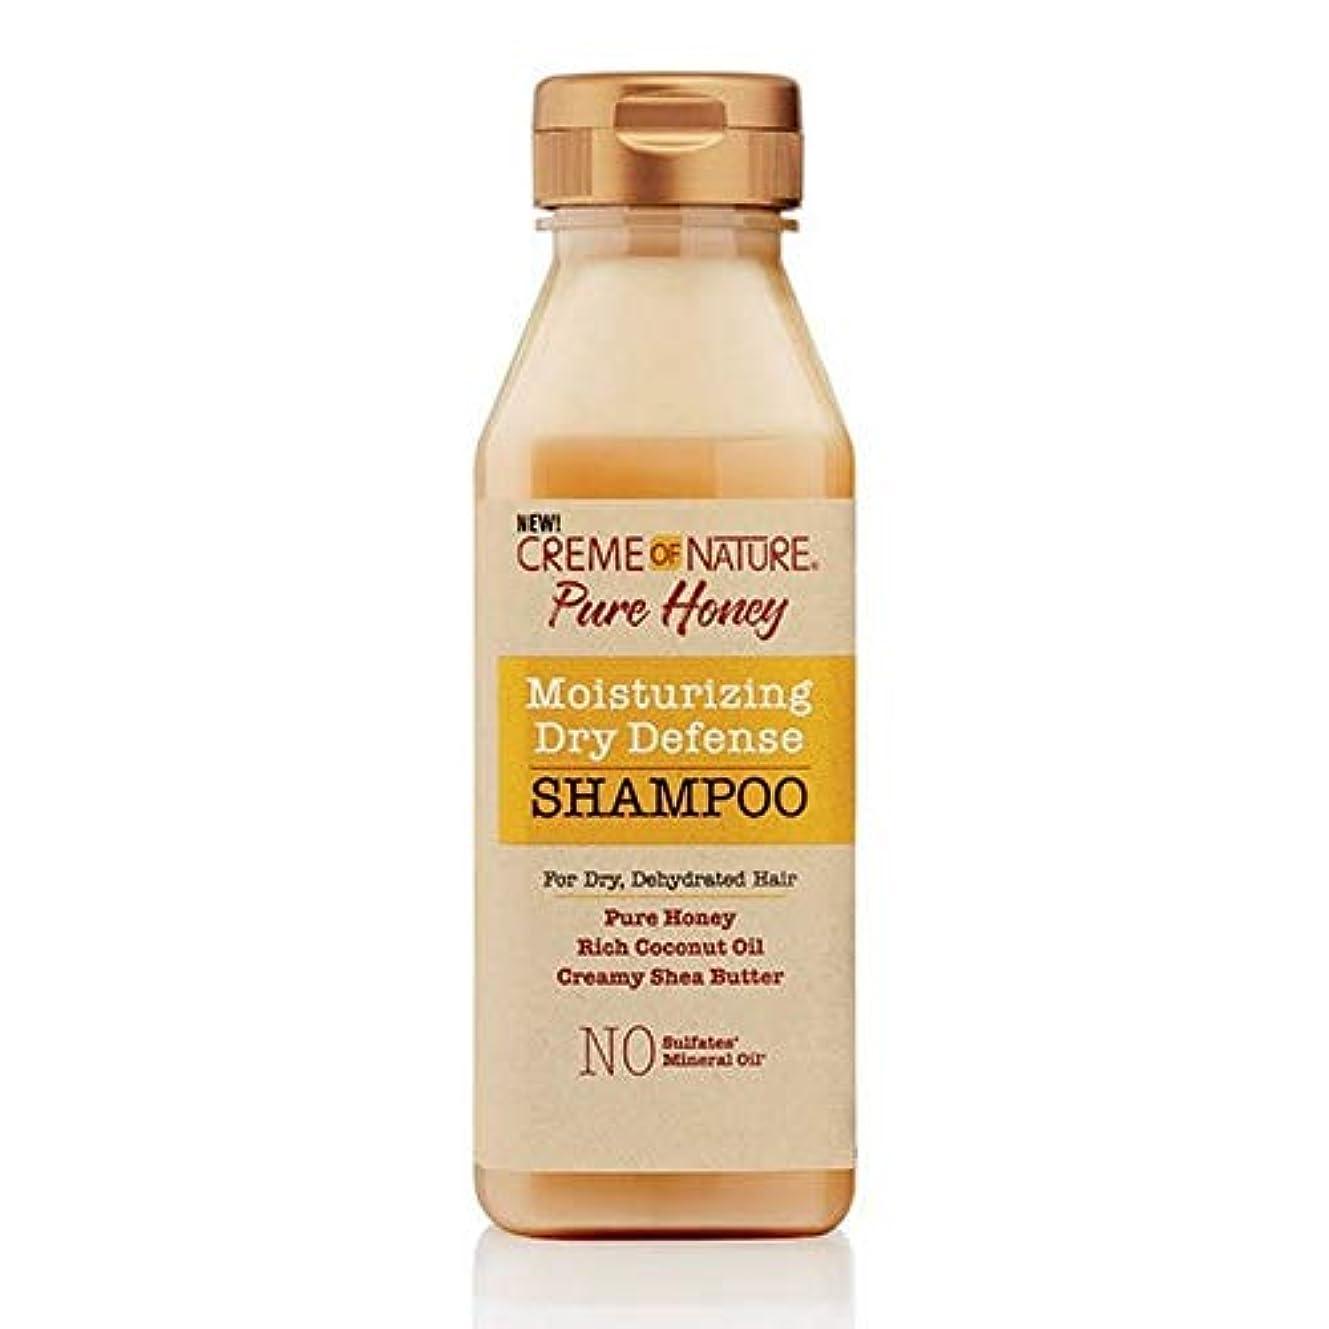 わずかに怒り名誉ある[Creme of Nature ] 自然の純粋な蜂蜜の保湿乾燥防衛シャンプーのクリーム - Creme of Nature Pure Honey Moisturising Dry Defence Shampoo [並行輸入品]